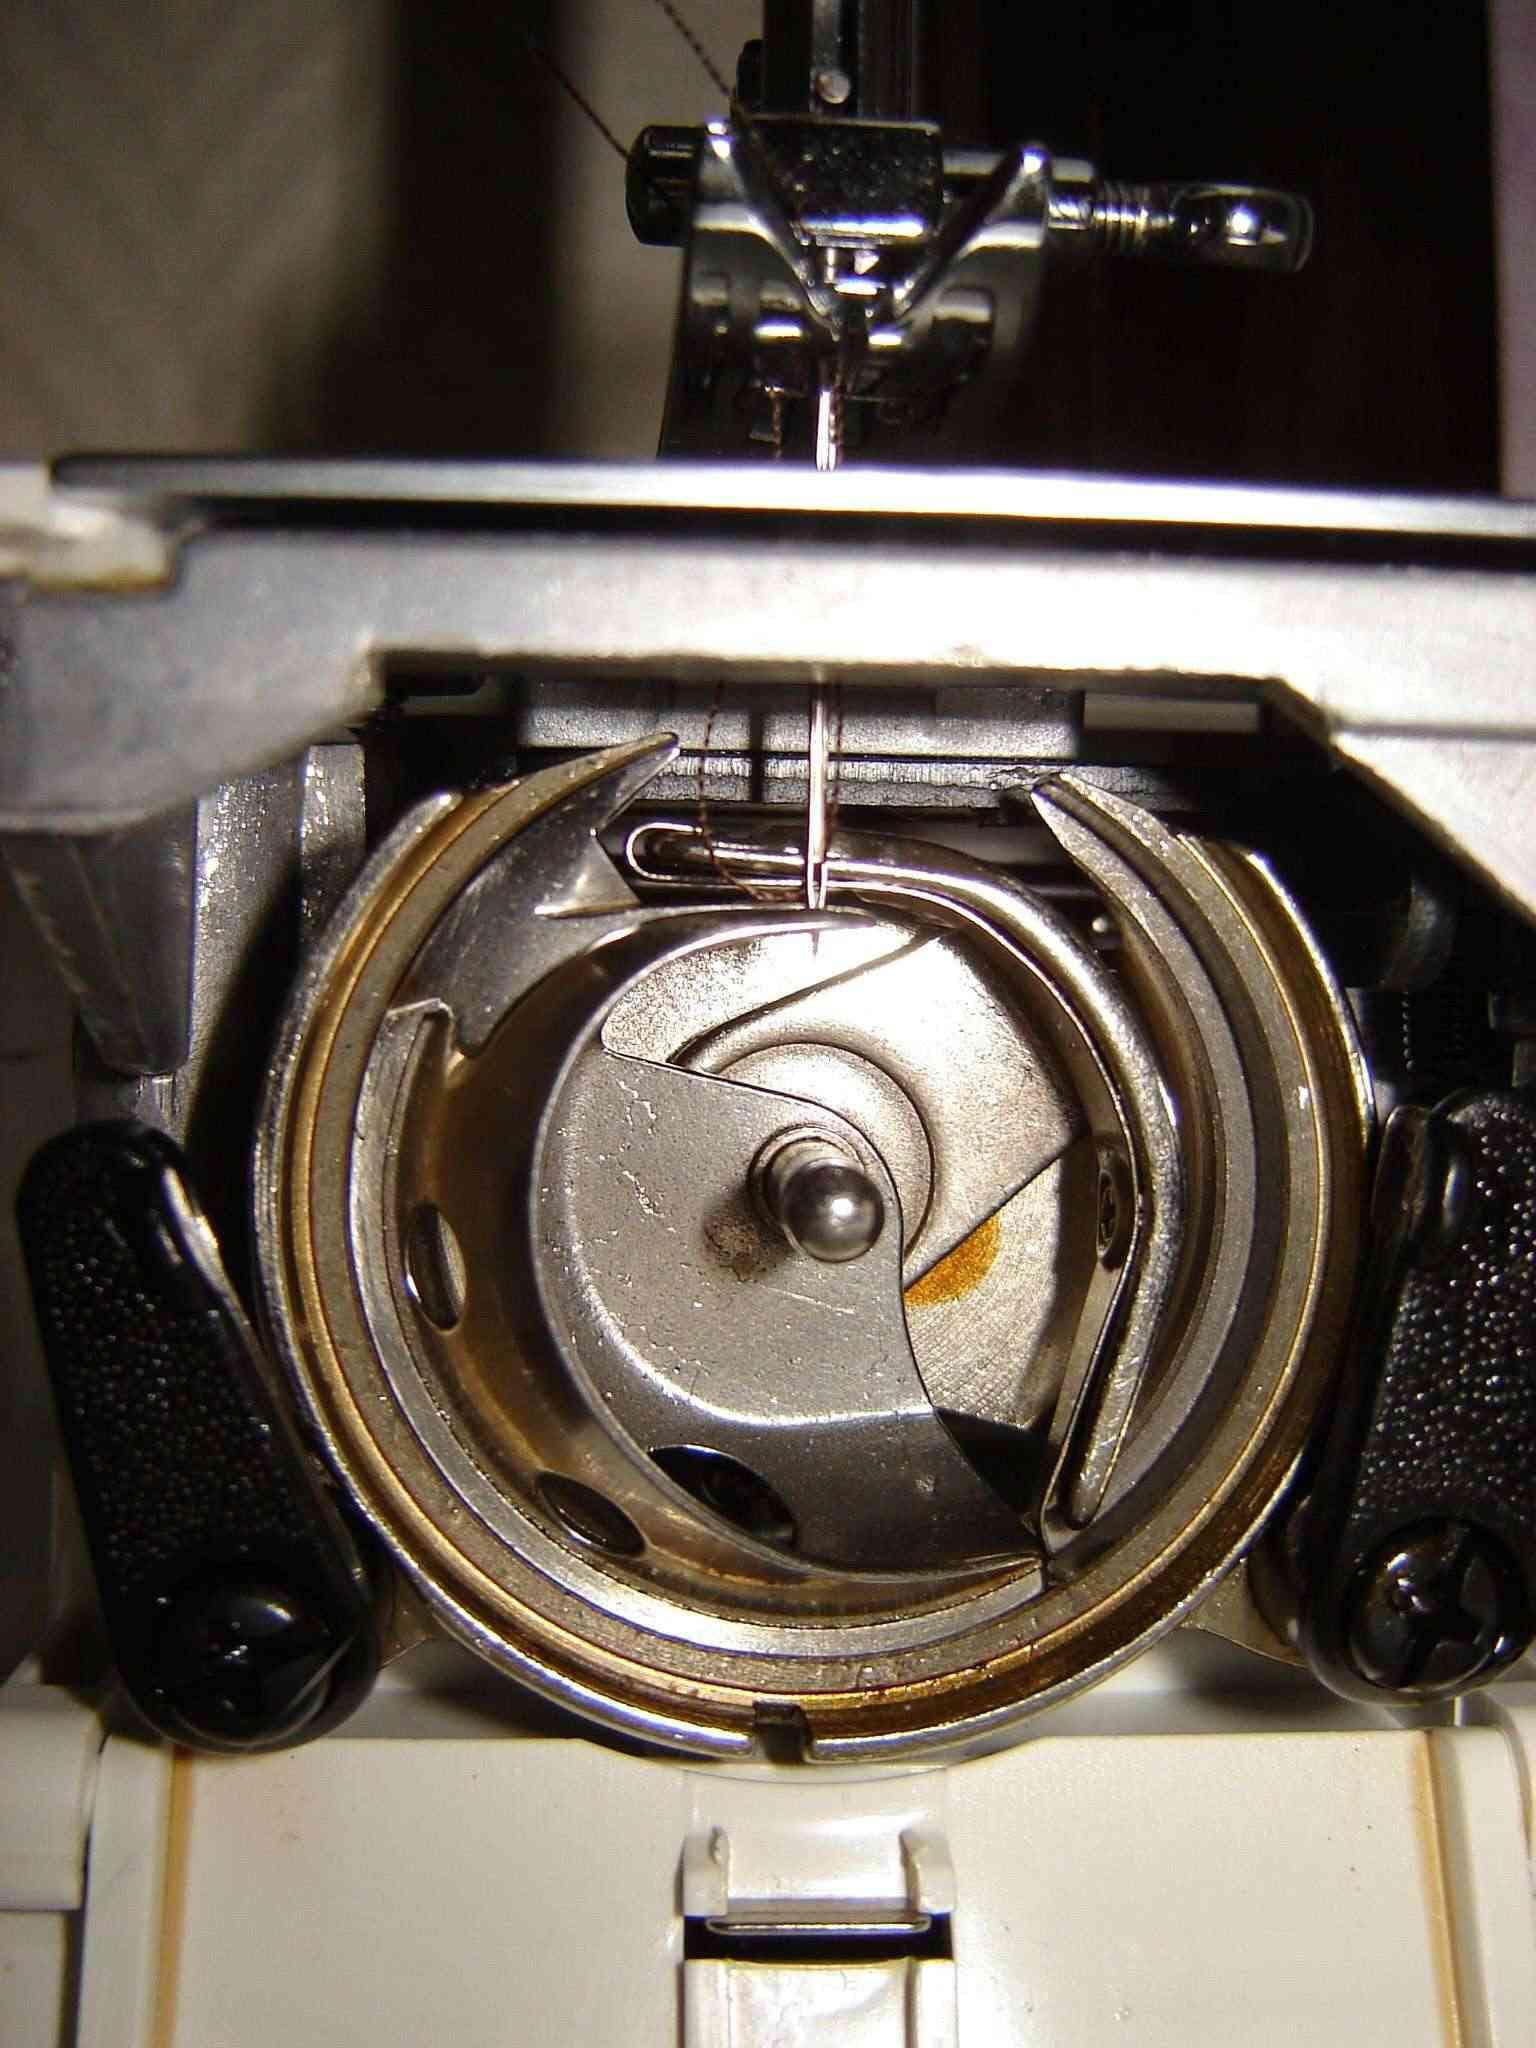 Changement pignon plastique sur m c toyota rs2000 r solu for Machine a coudre toyota rs2000